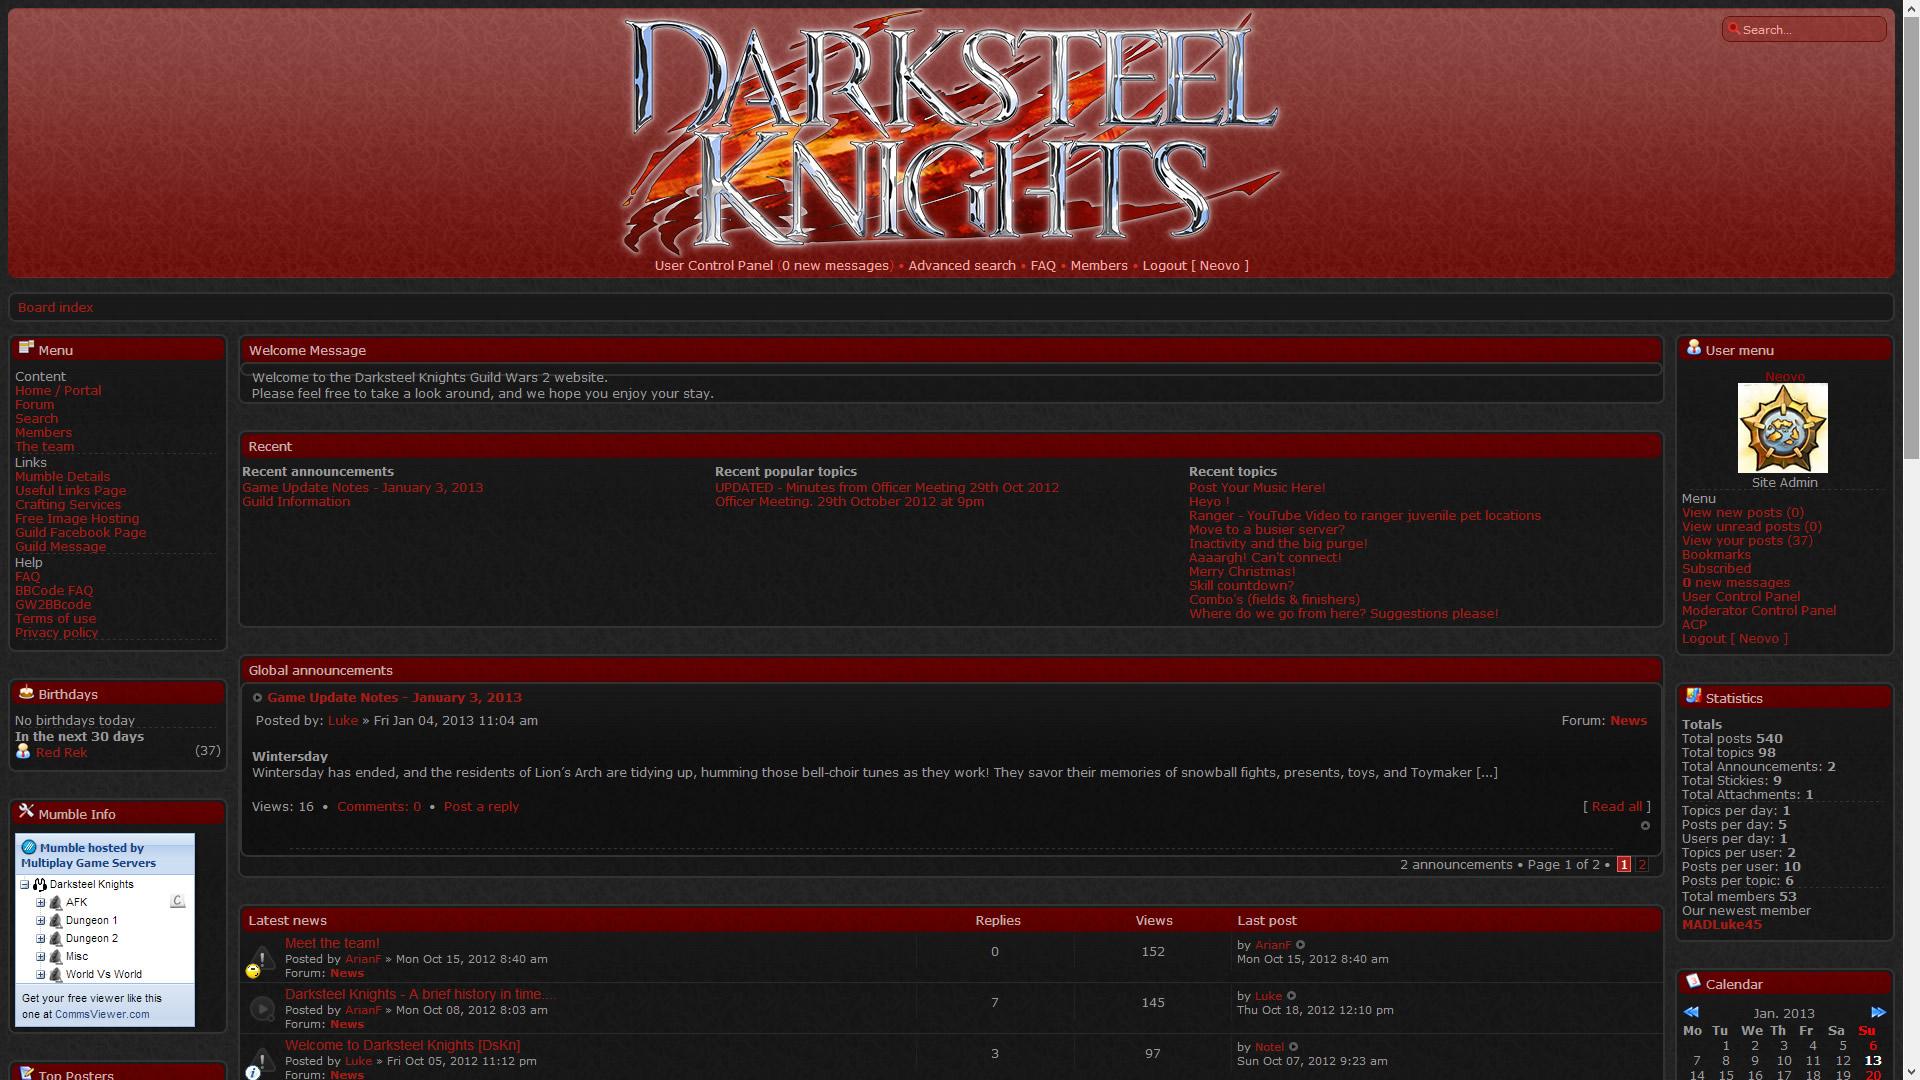 Darksteel Knights Website